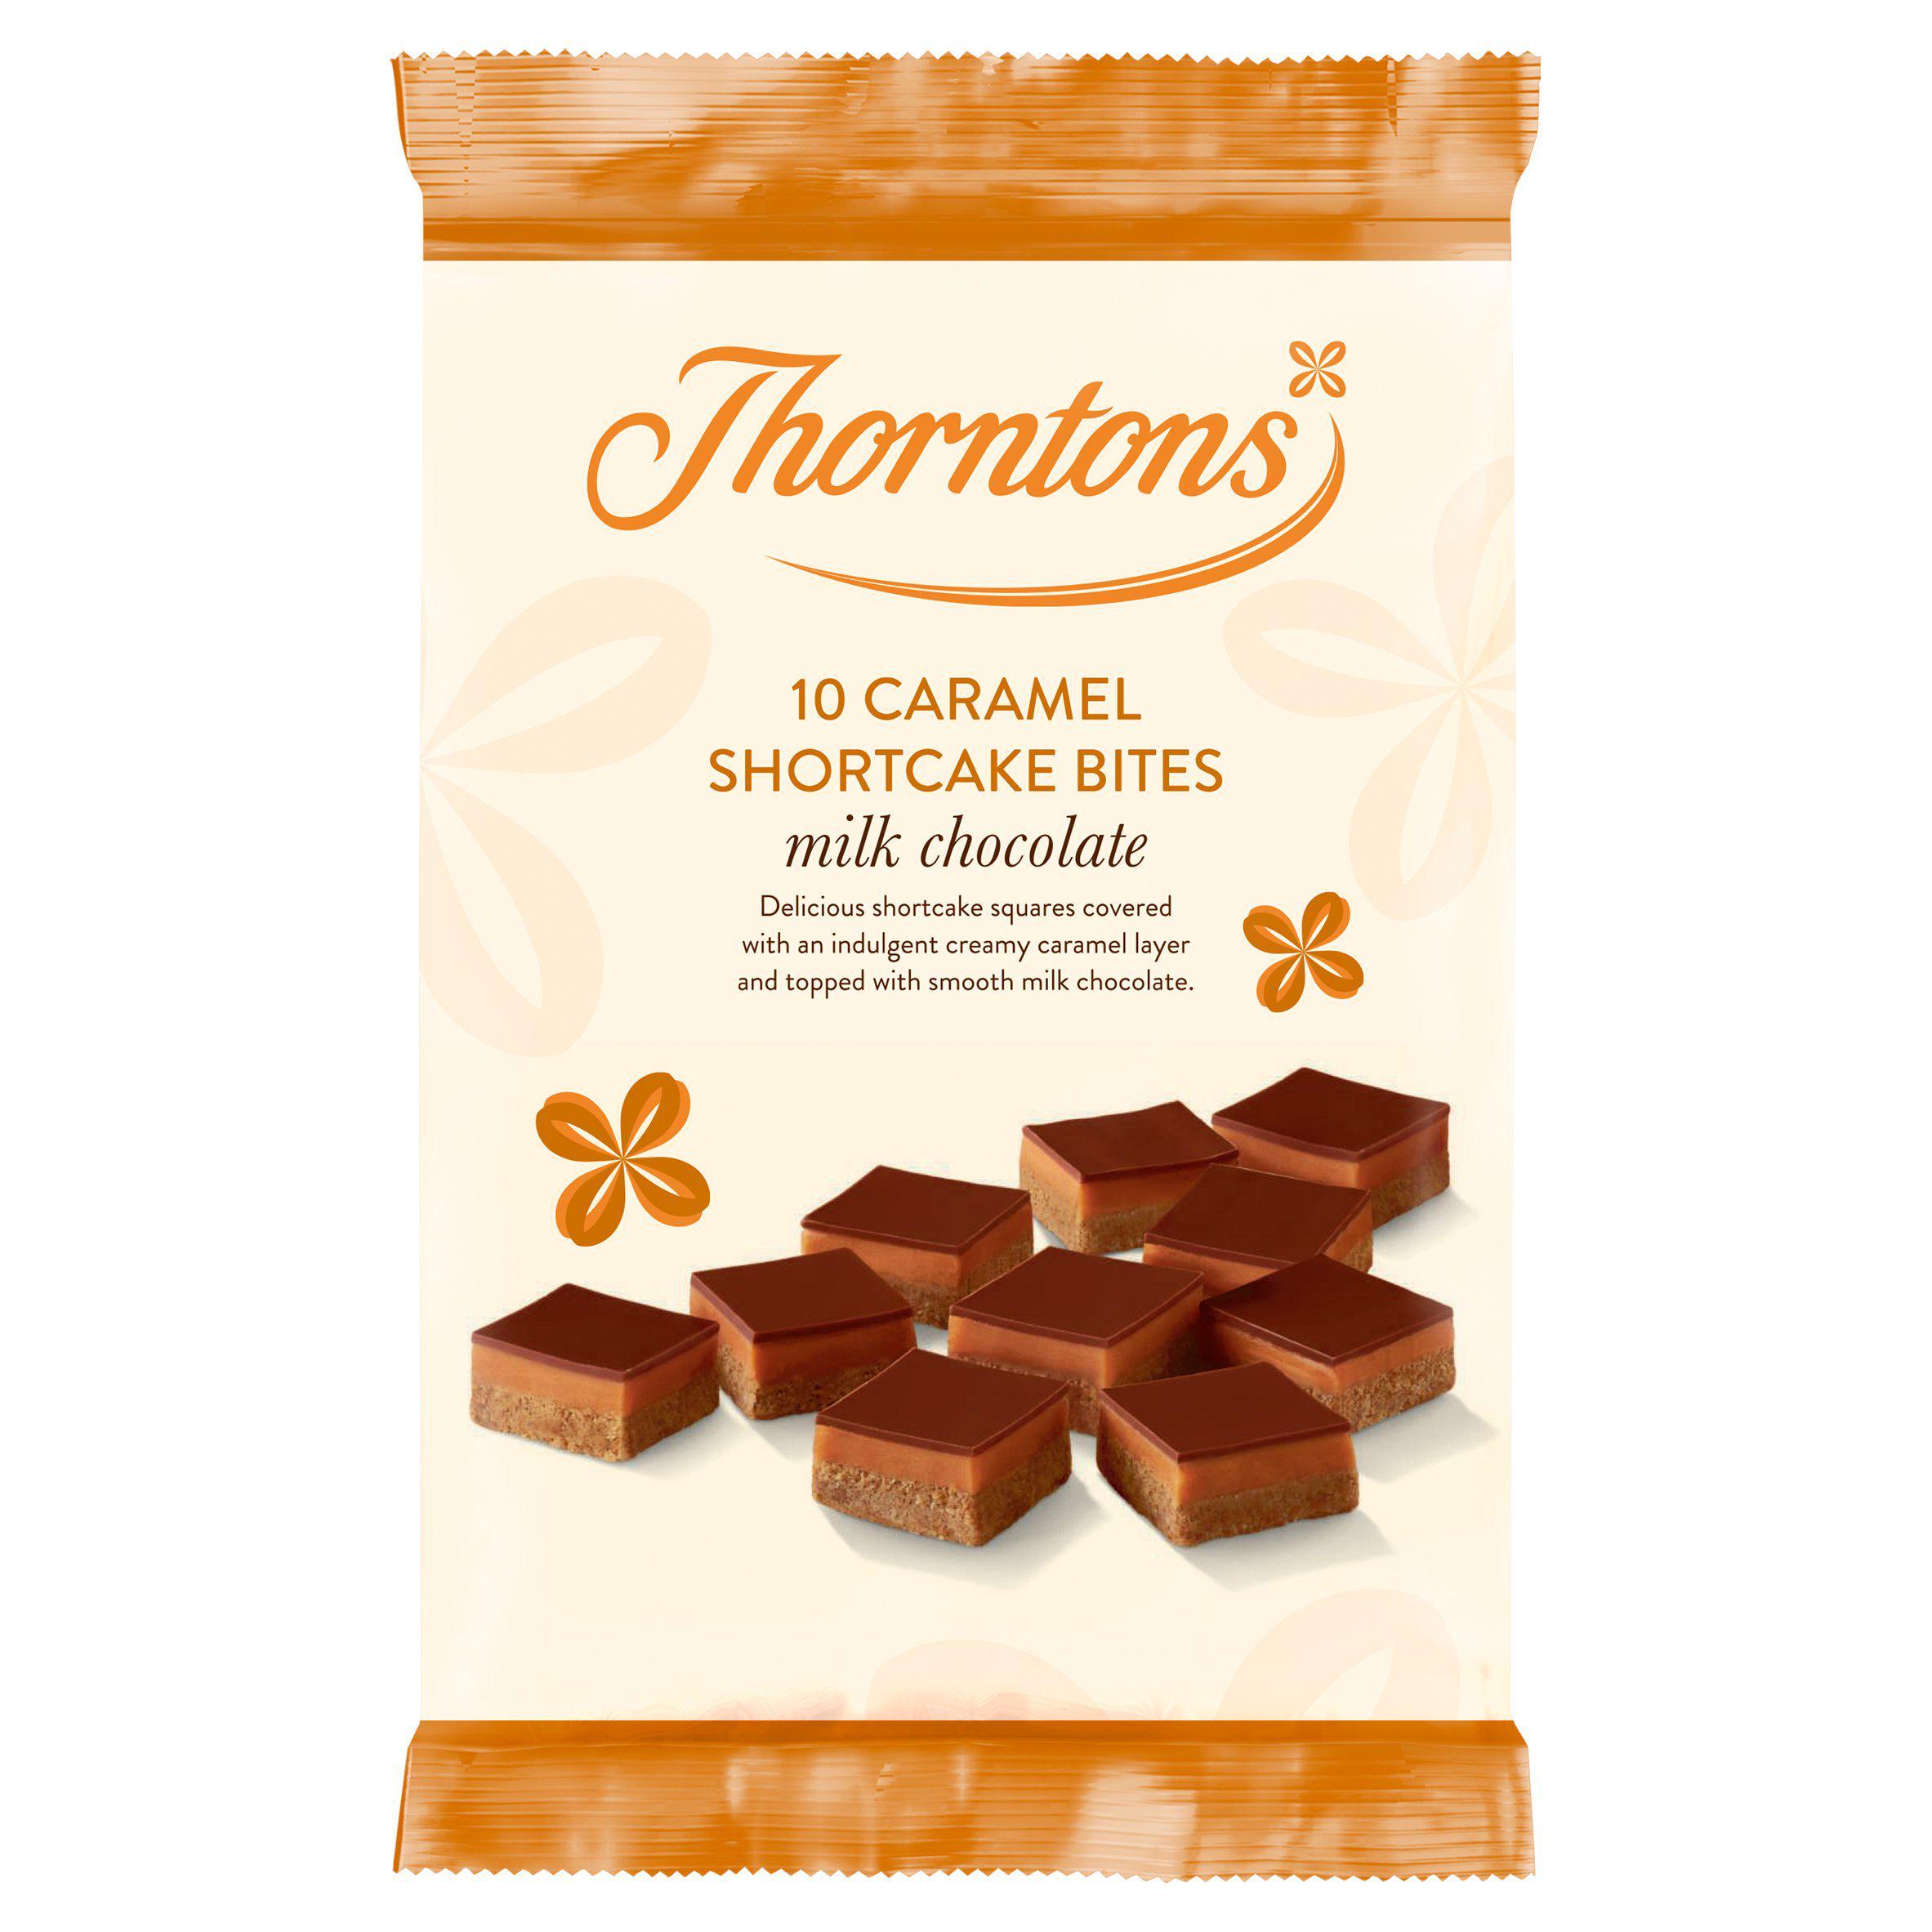 Best Before 22/12/2020 Thorntons Caramel Shortcake Bites